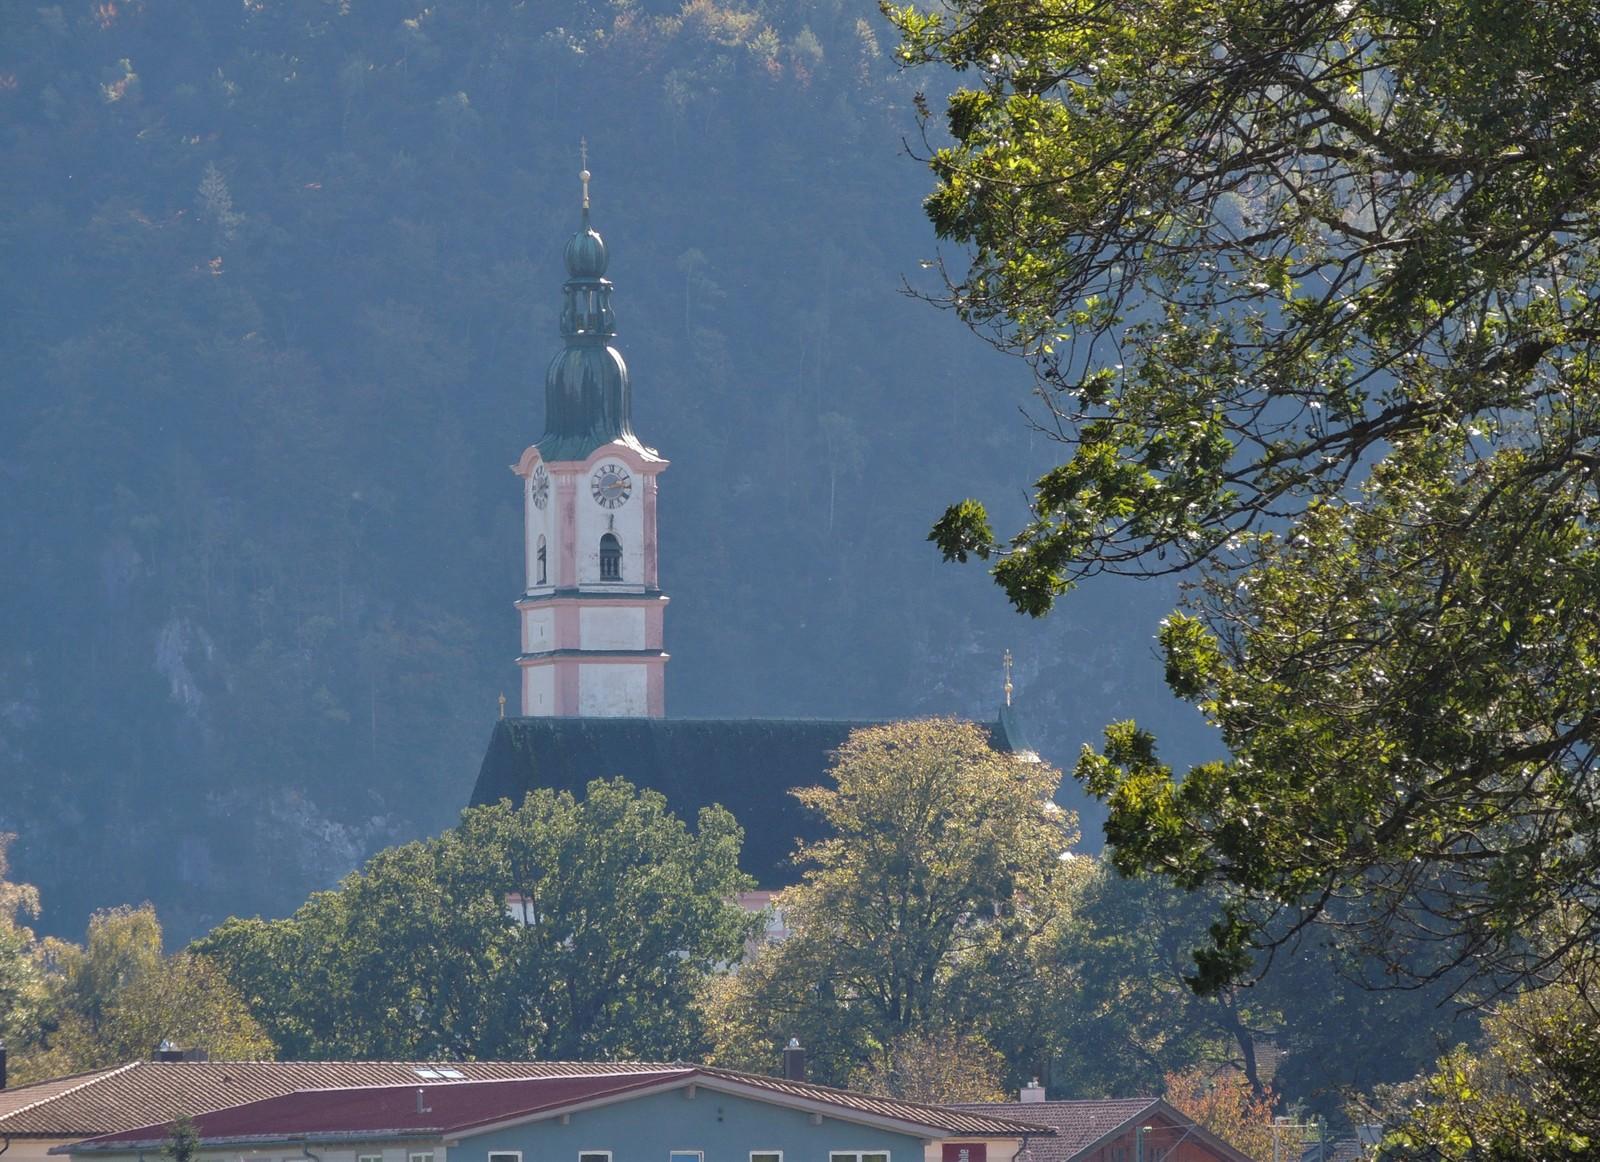 Pfarrkirche St. Martin in Flintsbach im Bayerischen Inntal